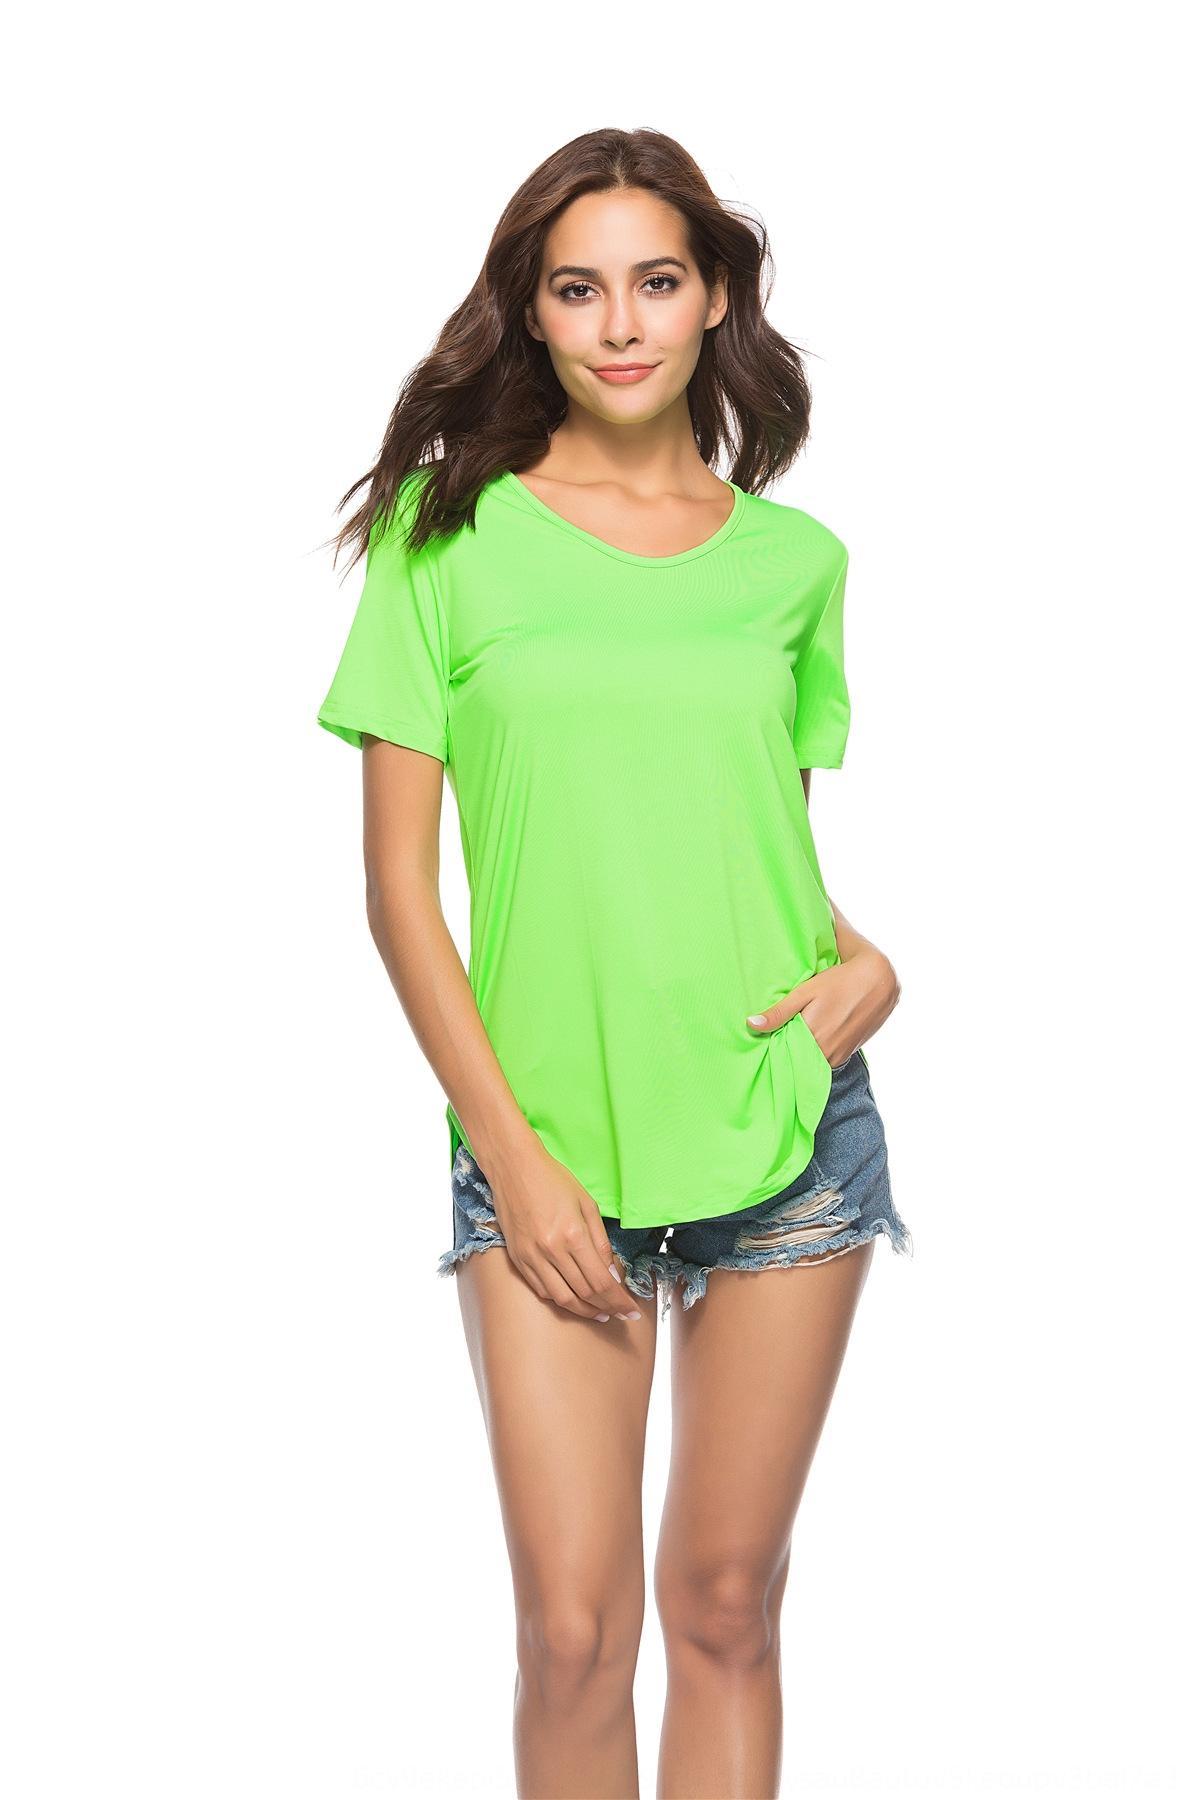 h2IlK oben sexy frauen- für Frauen des neuen Frauen der Spitzenfrauen sexy Shirt Kurzarm-T-T-Shirt für kurzärmelige